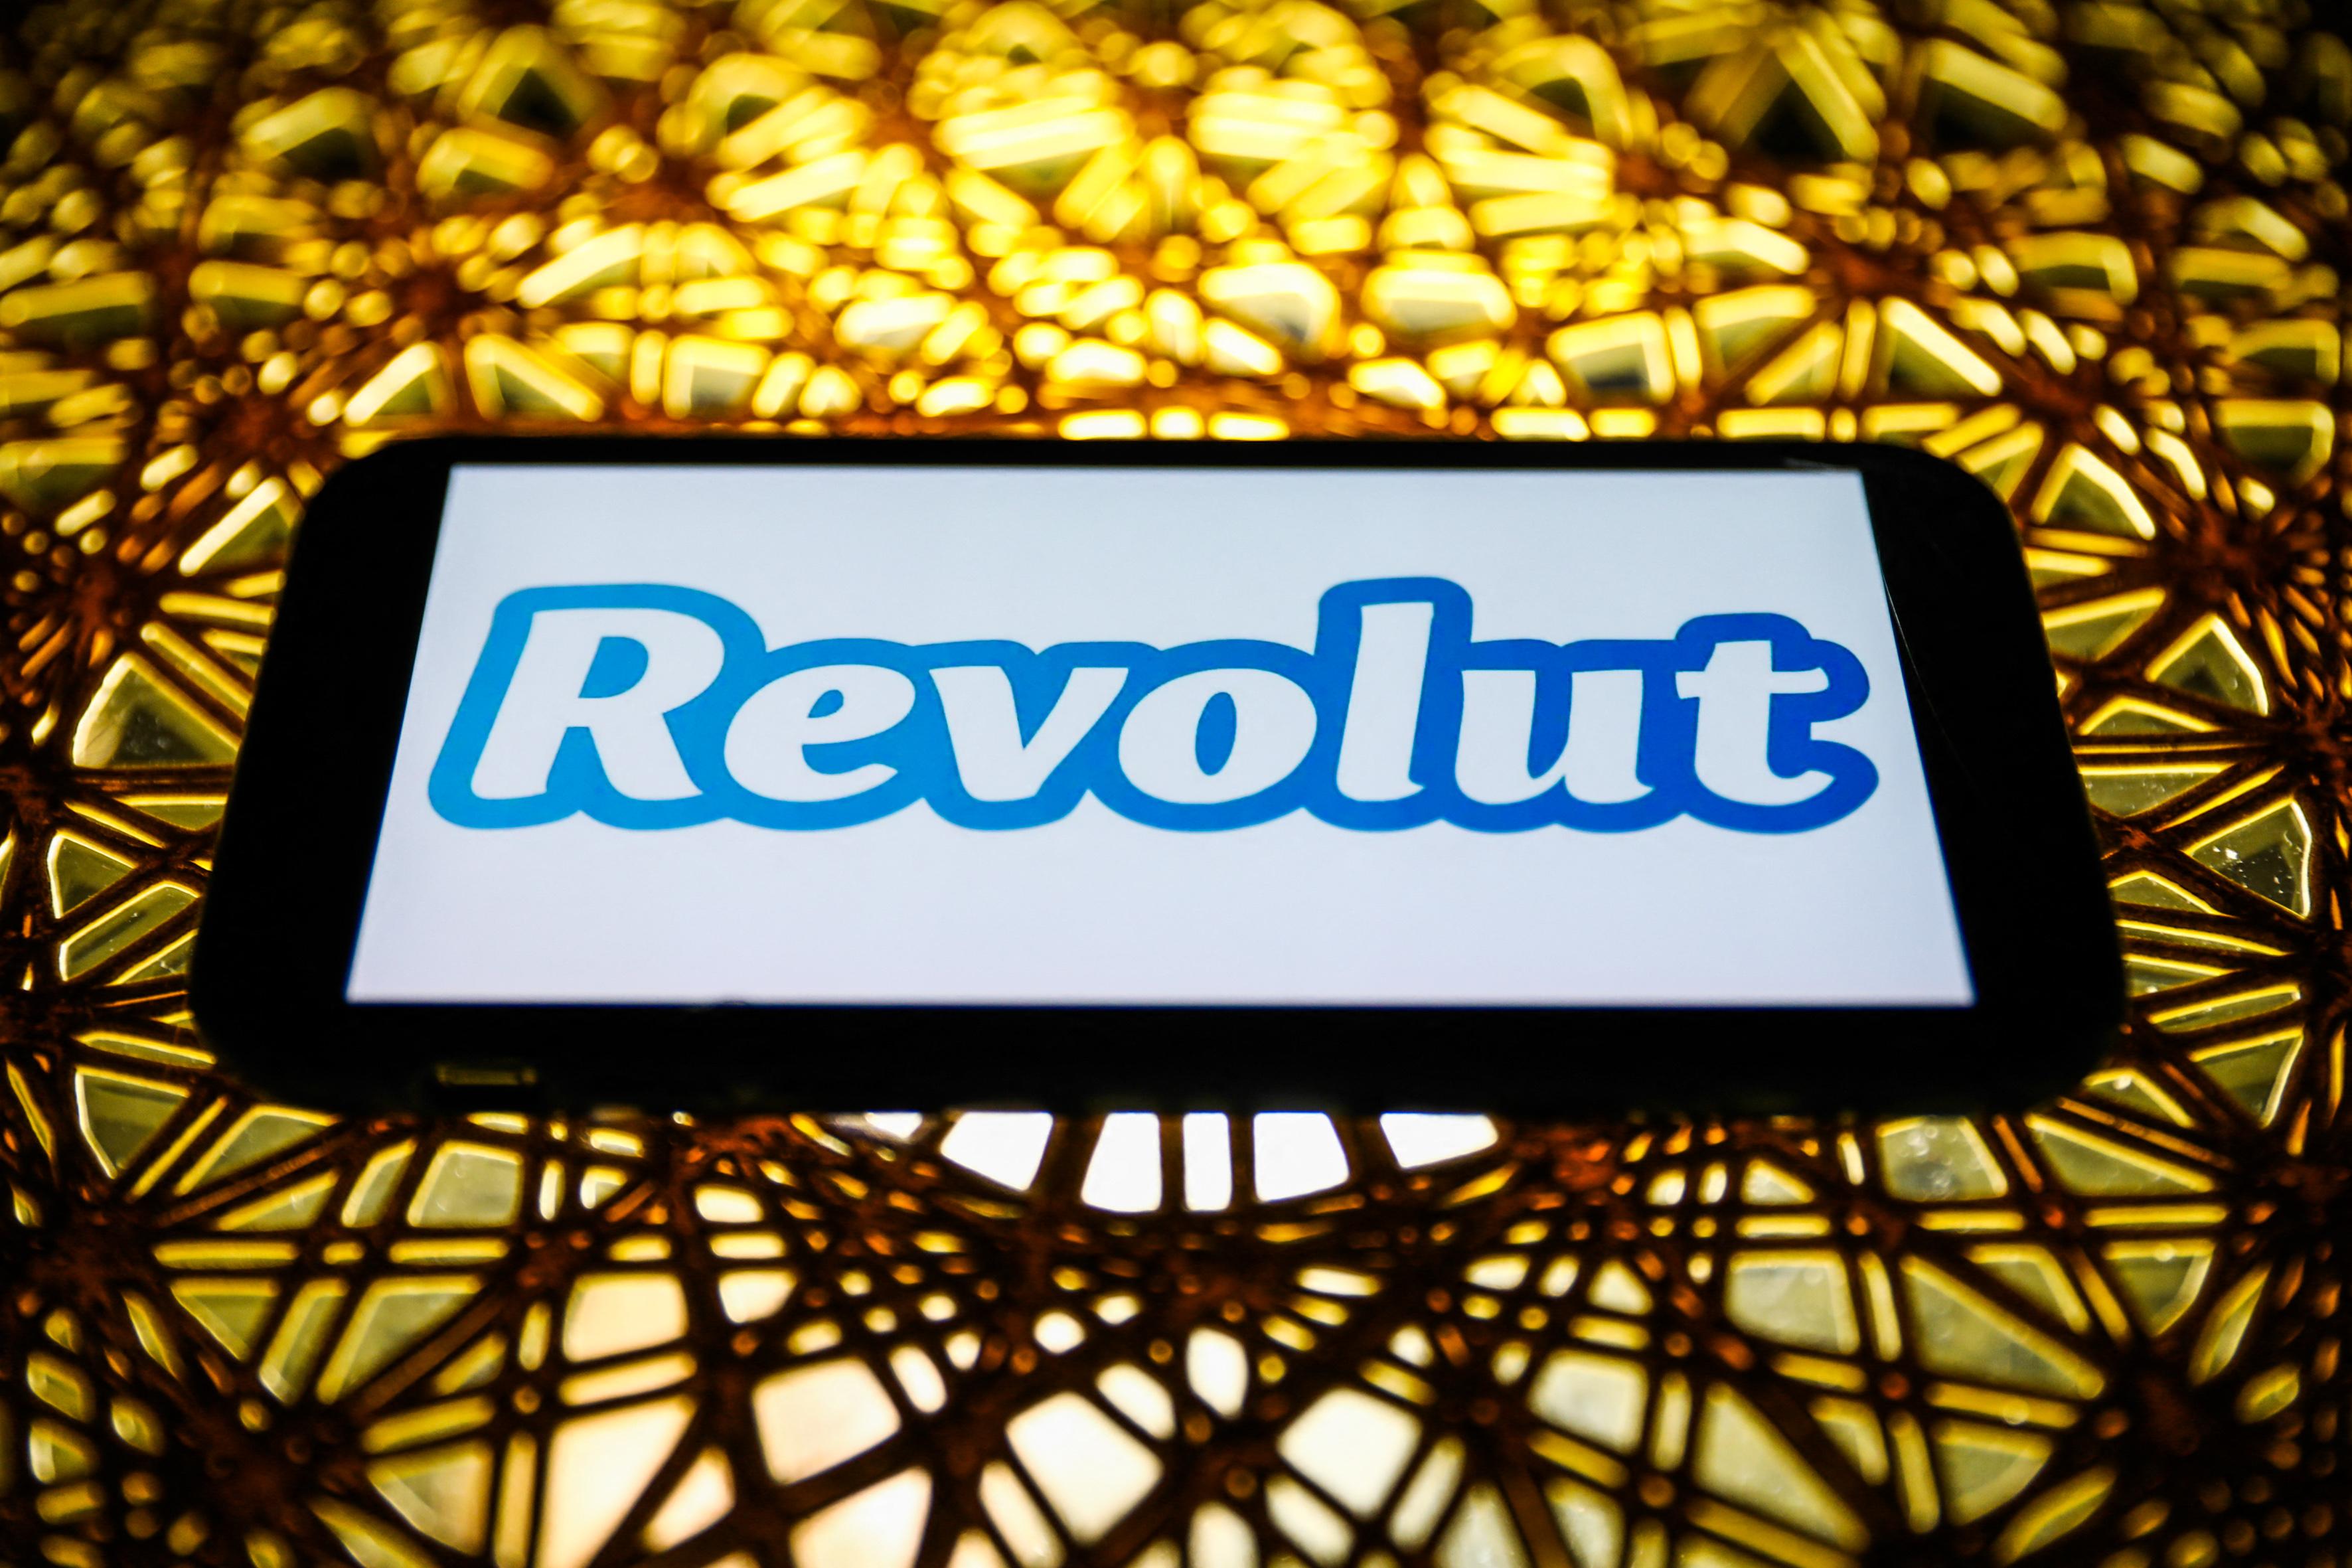 Bővül a Revolut kínálata: most már szállást is foglalhatunk